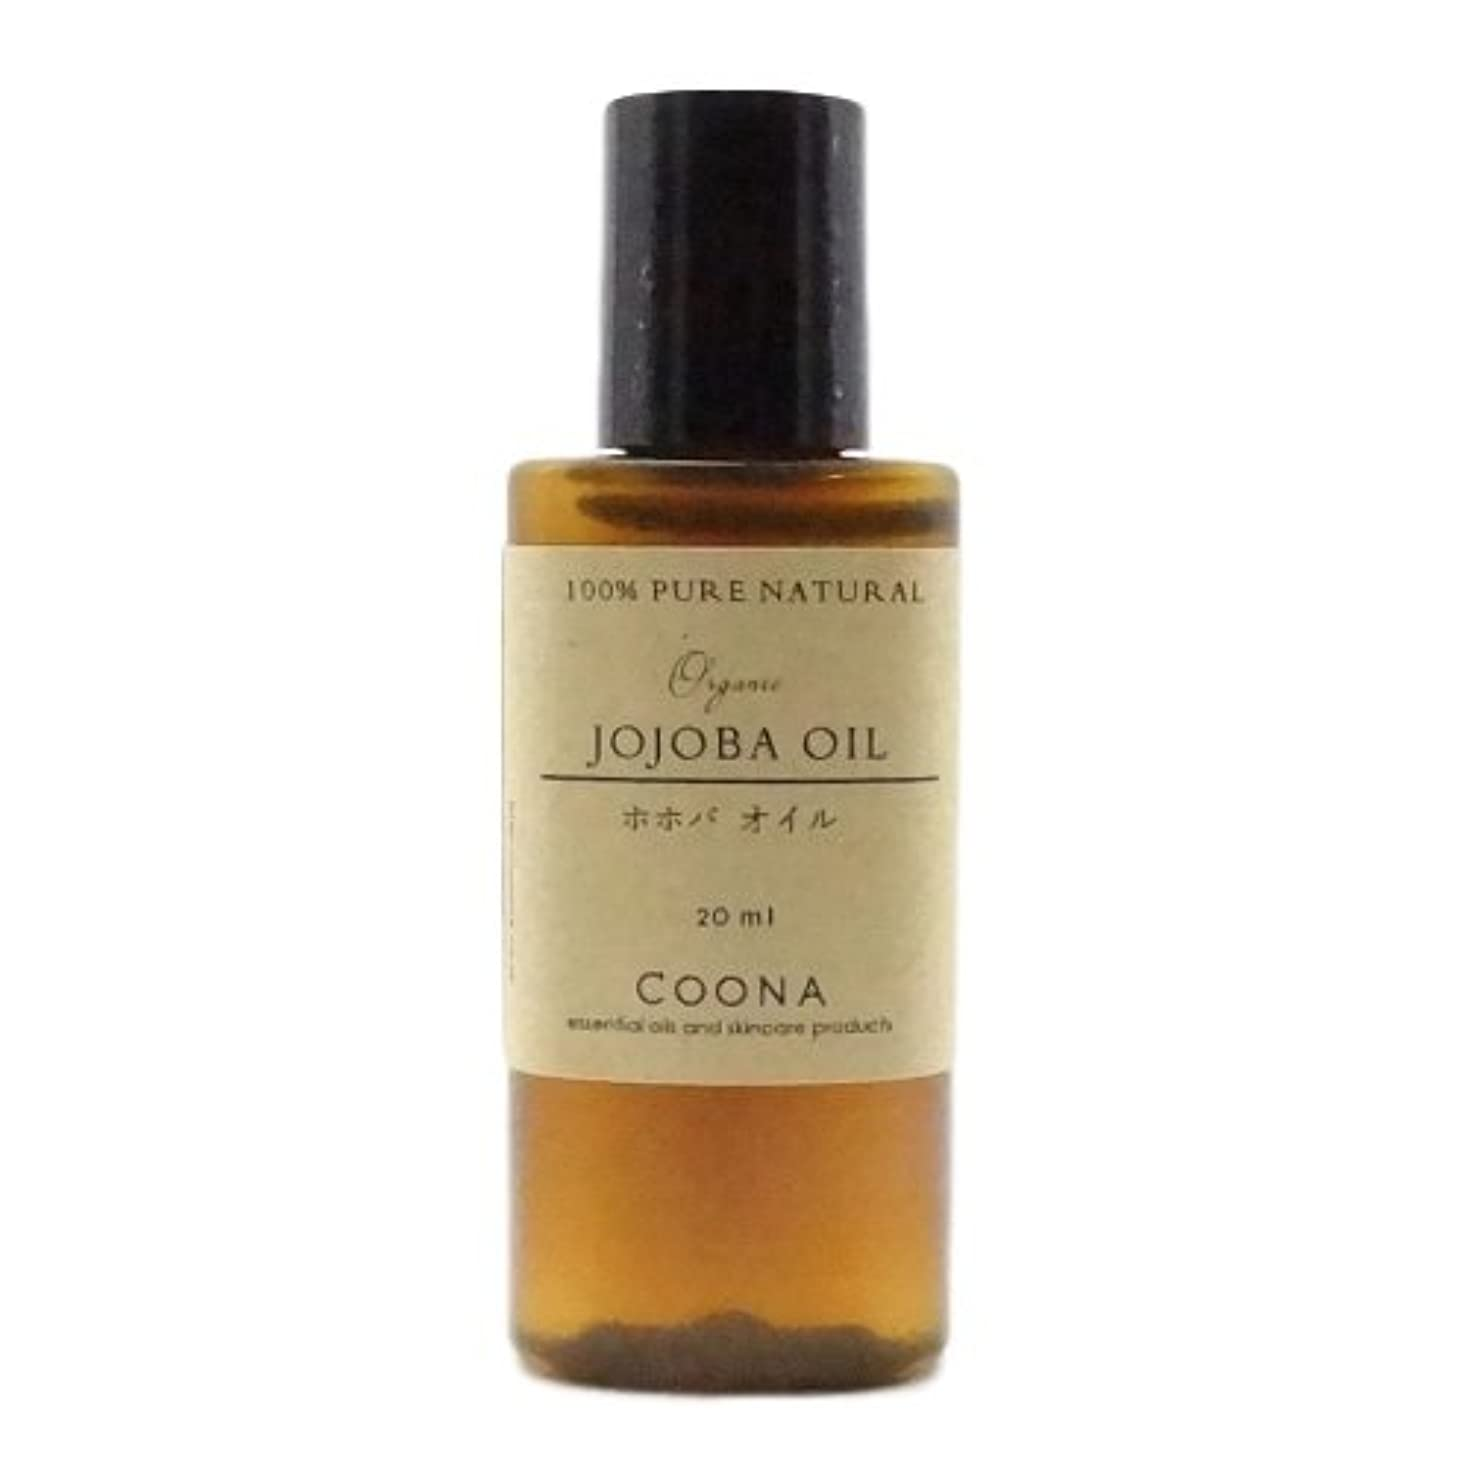 思春期市民ホホバオイル 20 ml (COONA キャリアオイル ベースオイル 100%ピュア ナチュラル 天然植物油)